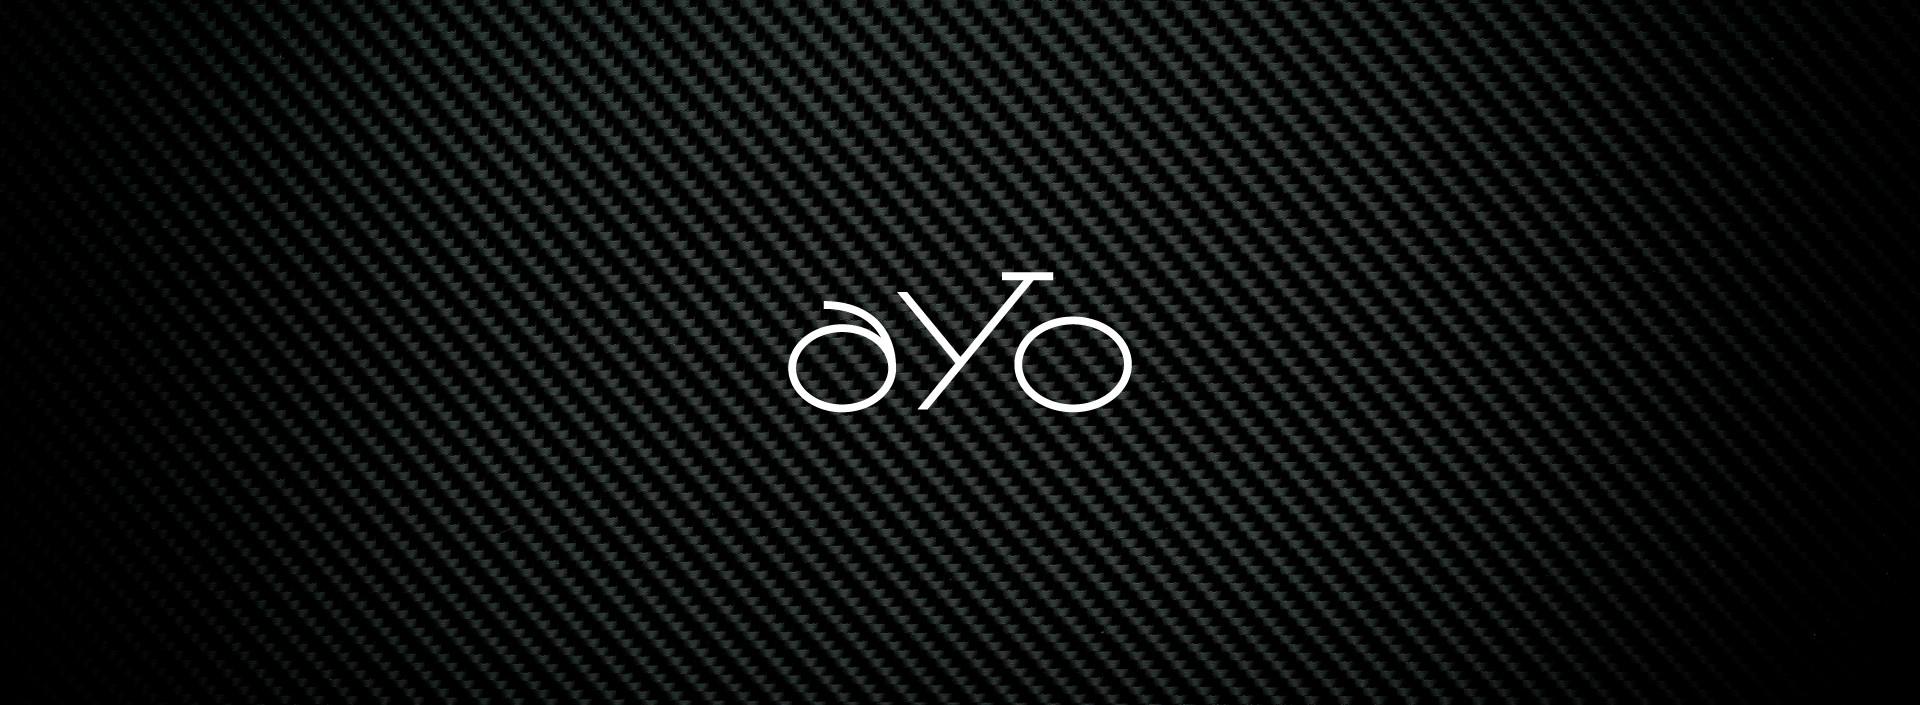 img-portfolio-ayo-voadora (9).jpg